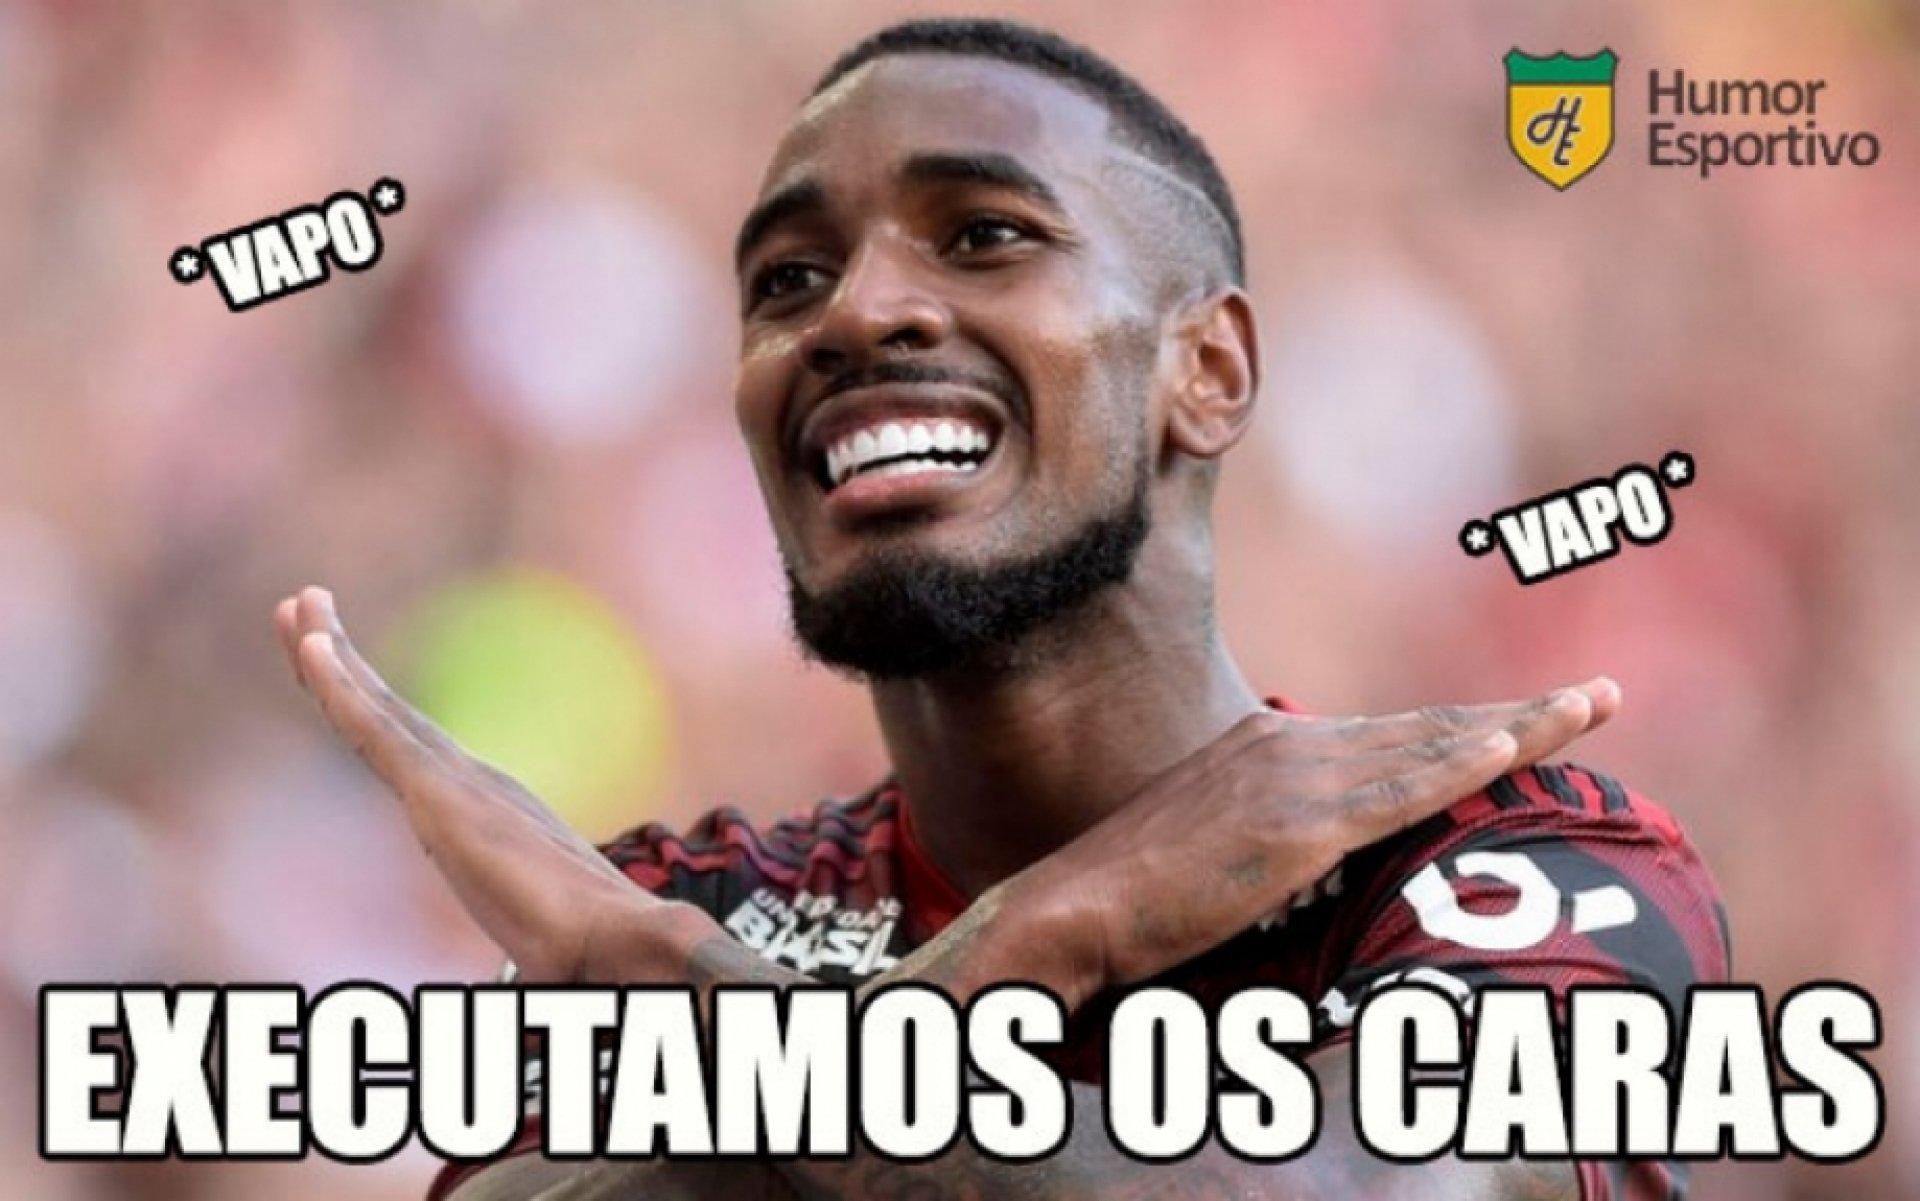 Torcida Do Flamengo Vai à Loucura Na Internet Veja Memes